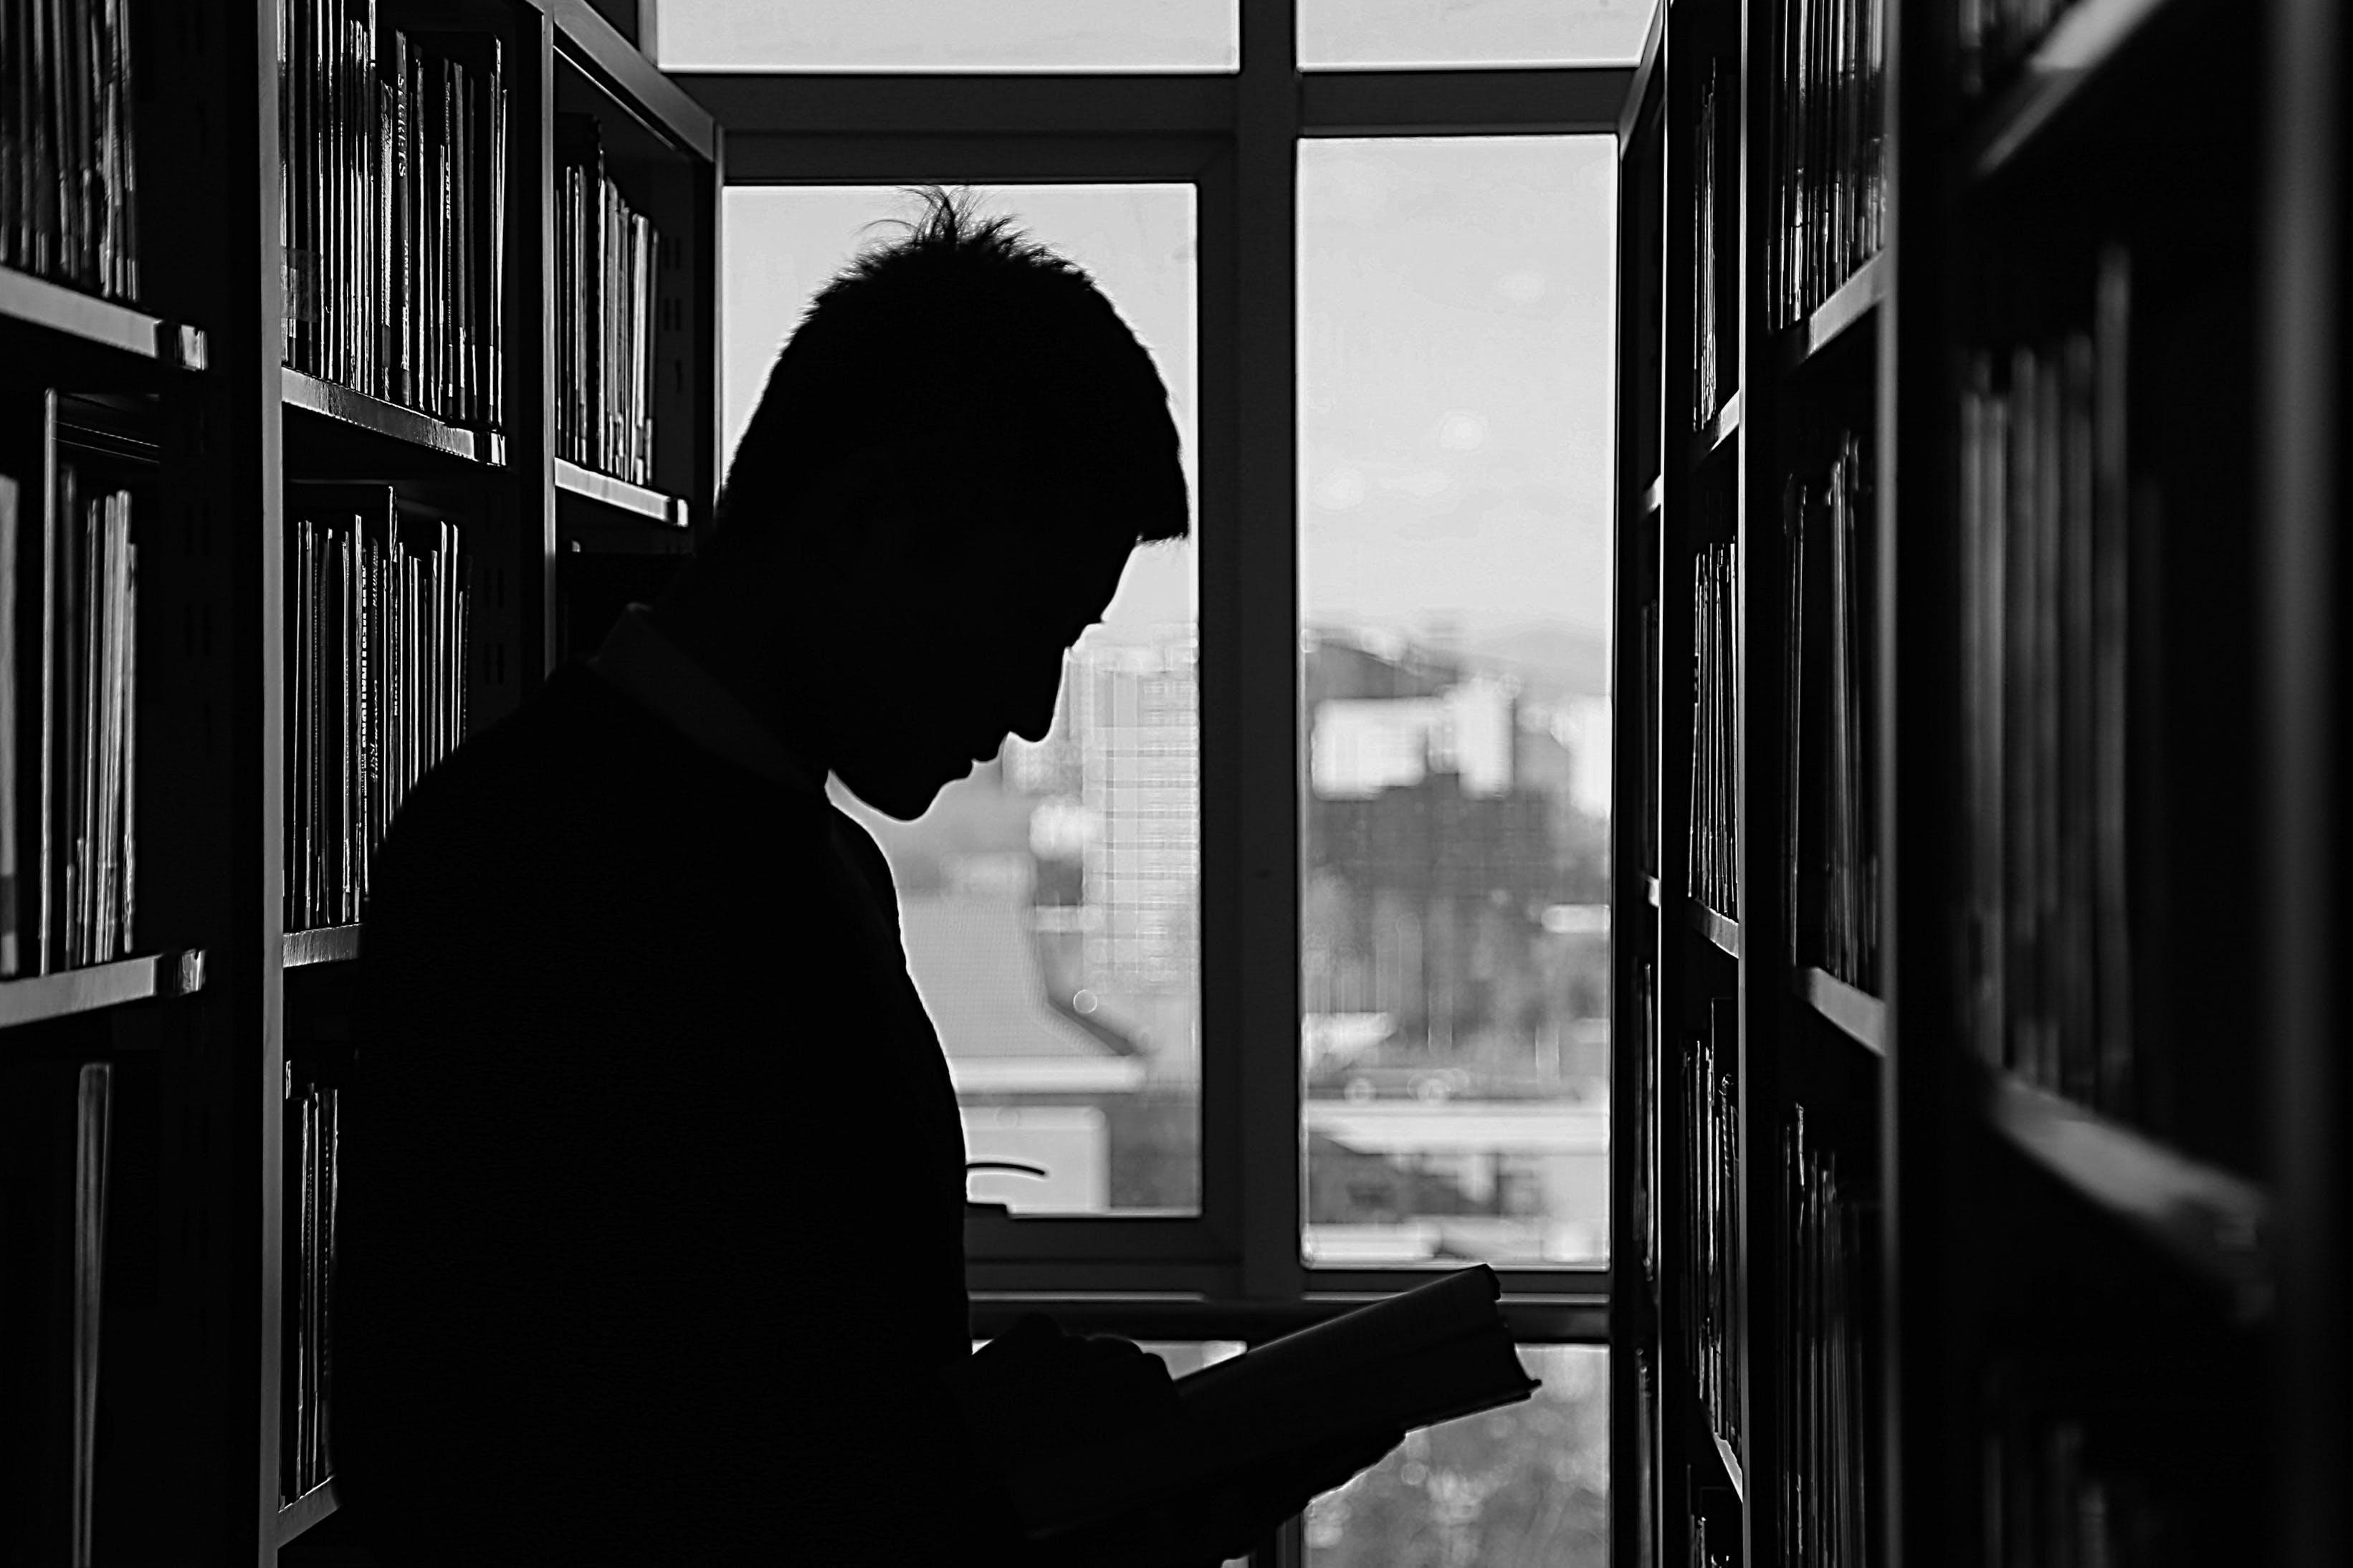 arkitektur, bibliotek, by